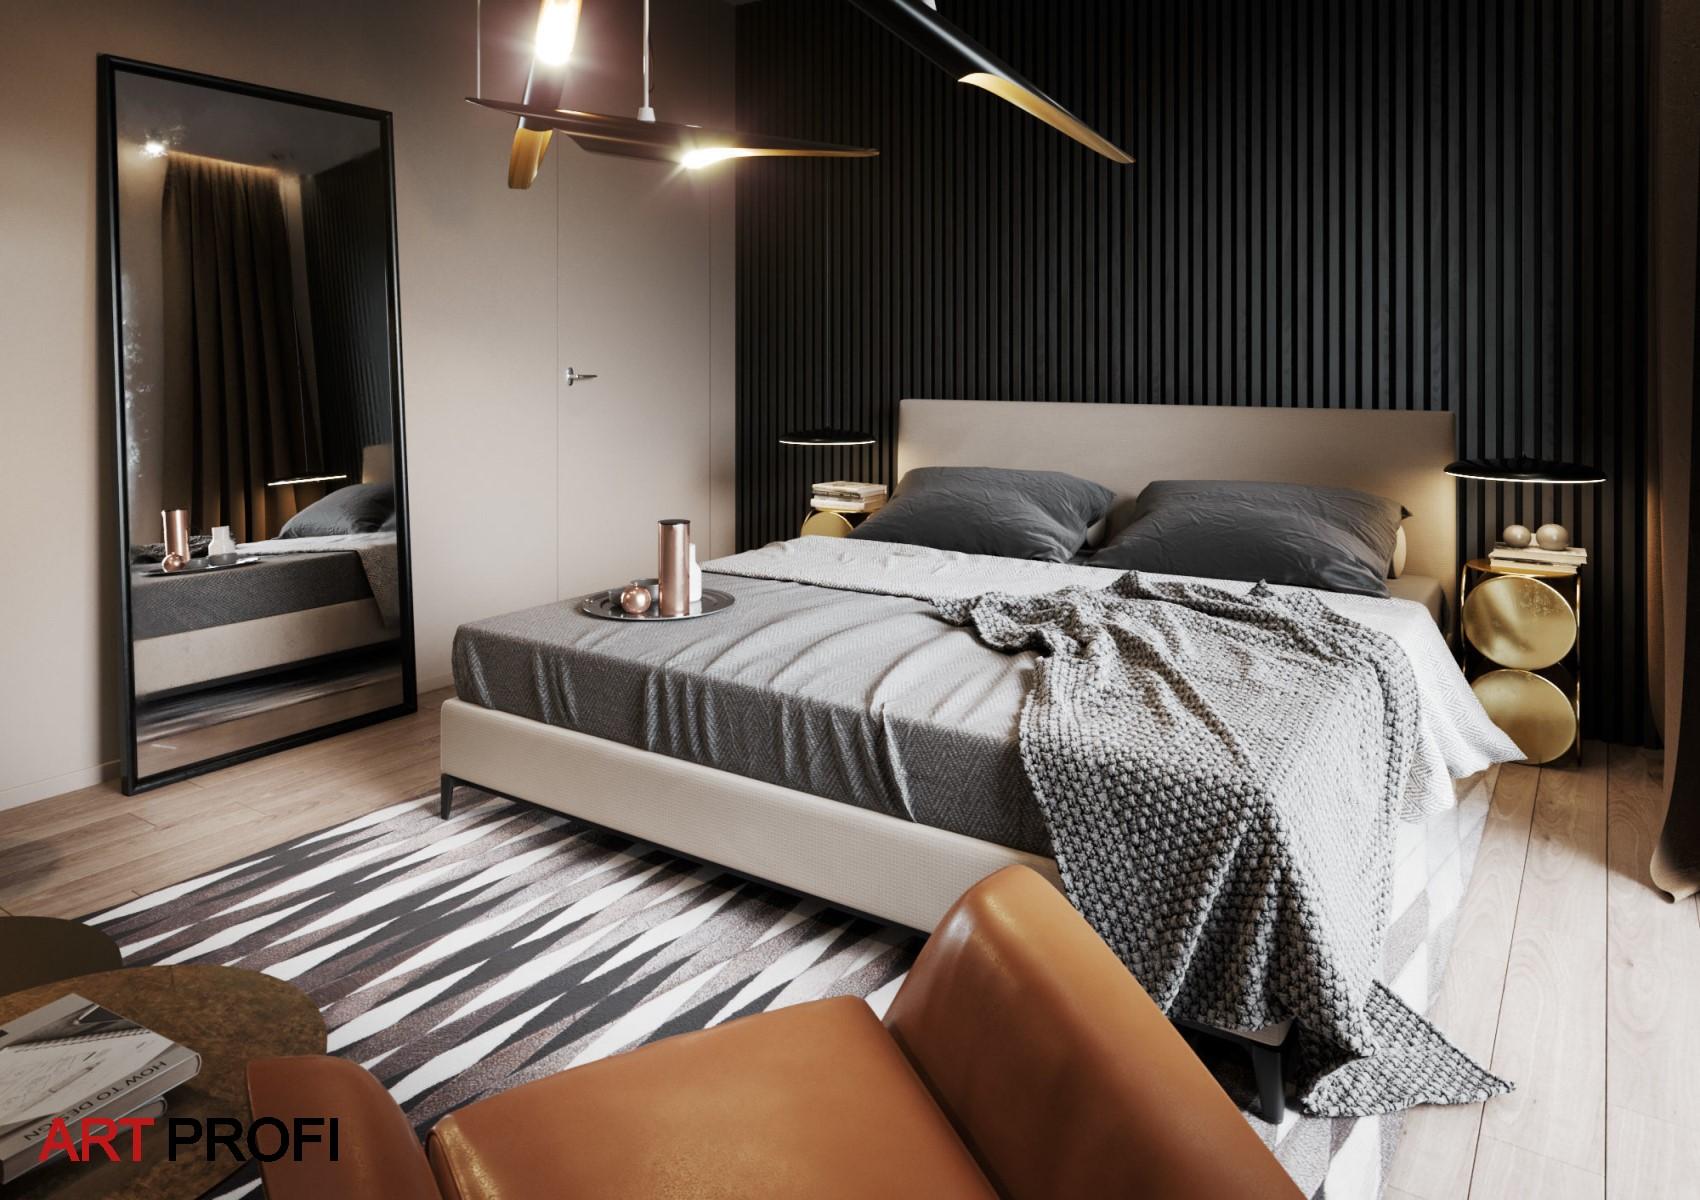 Дизайн интерьера. Дизайн спальни.